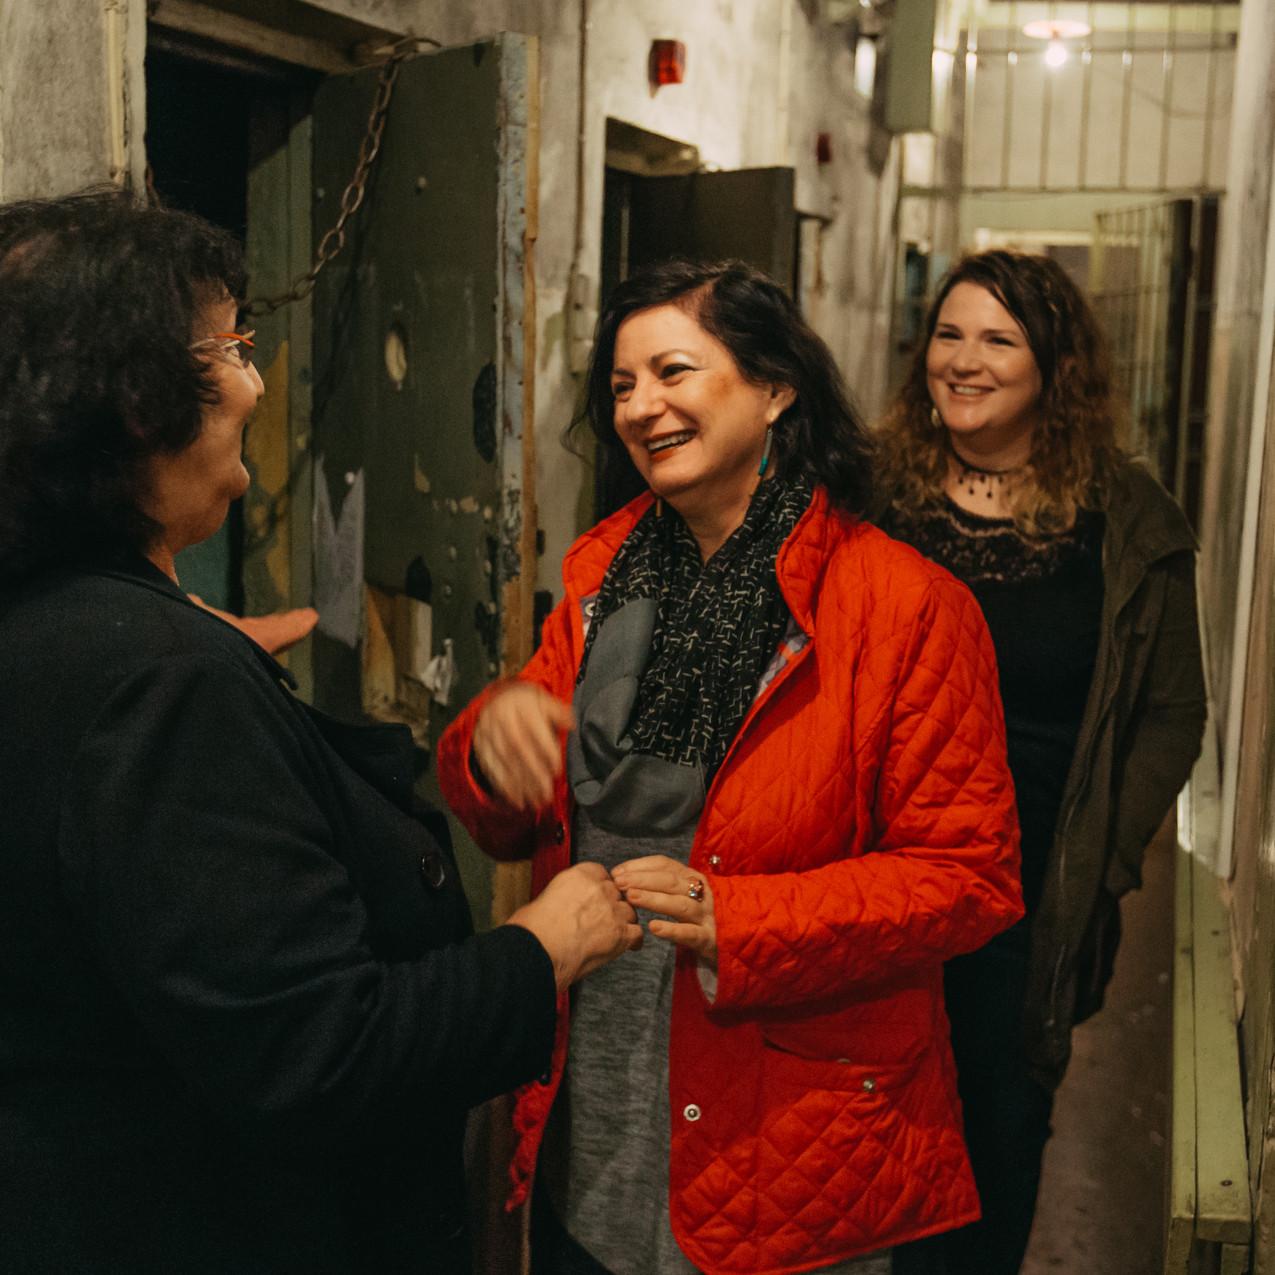 לירון בר שדה שגרירות ישראל לטביה סילווה זלמנסון ענת זלמנסון  קוזניצוב מבצע חתונה דוקומנטרי קגב